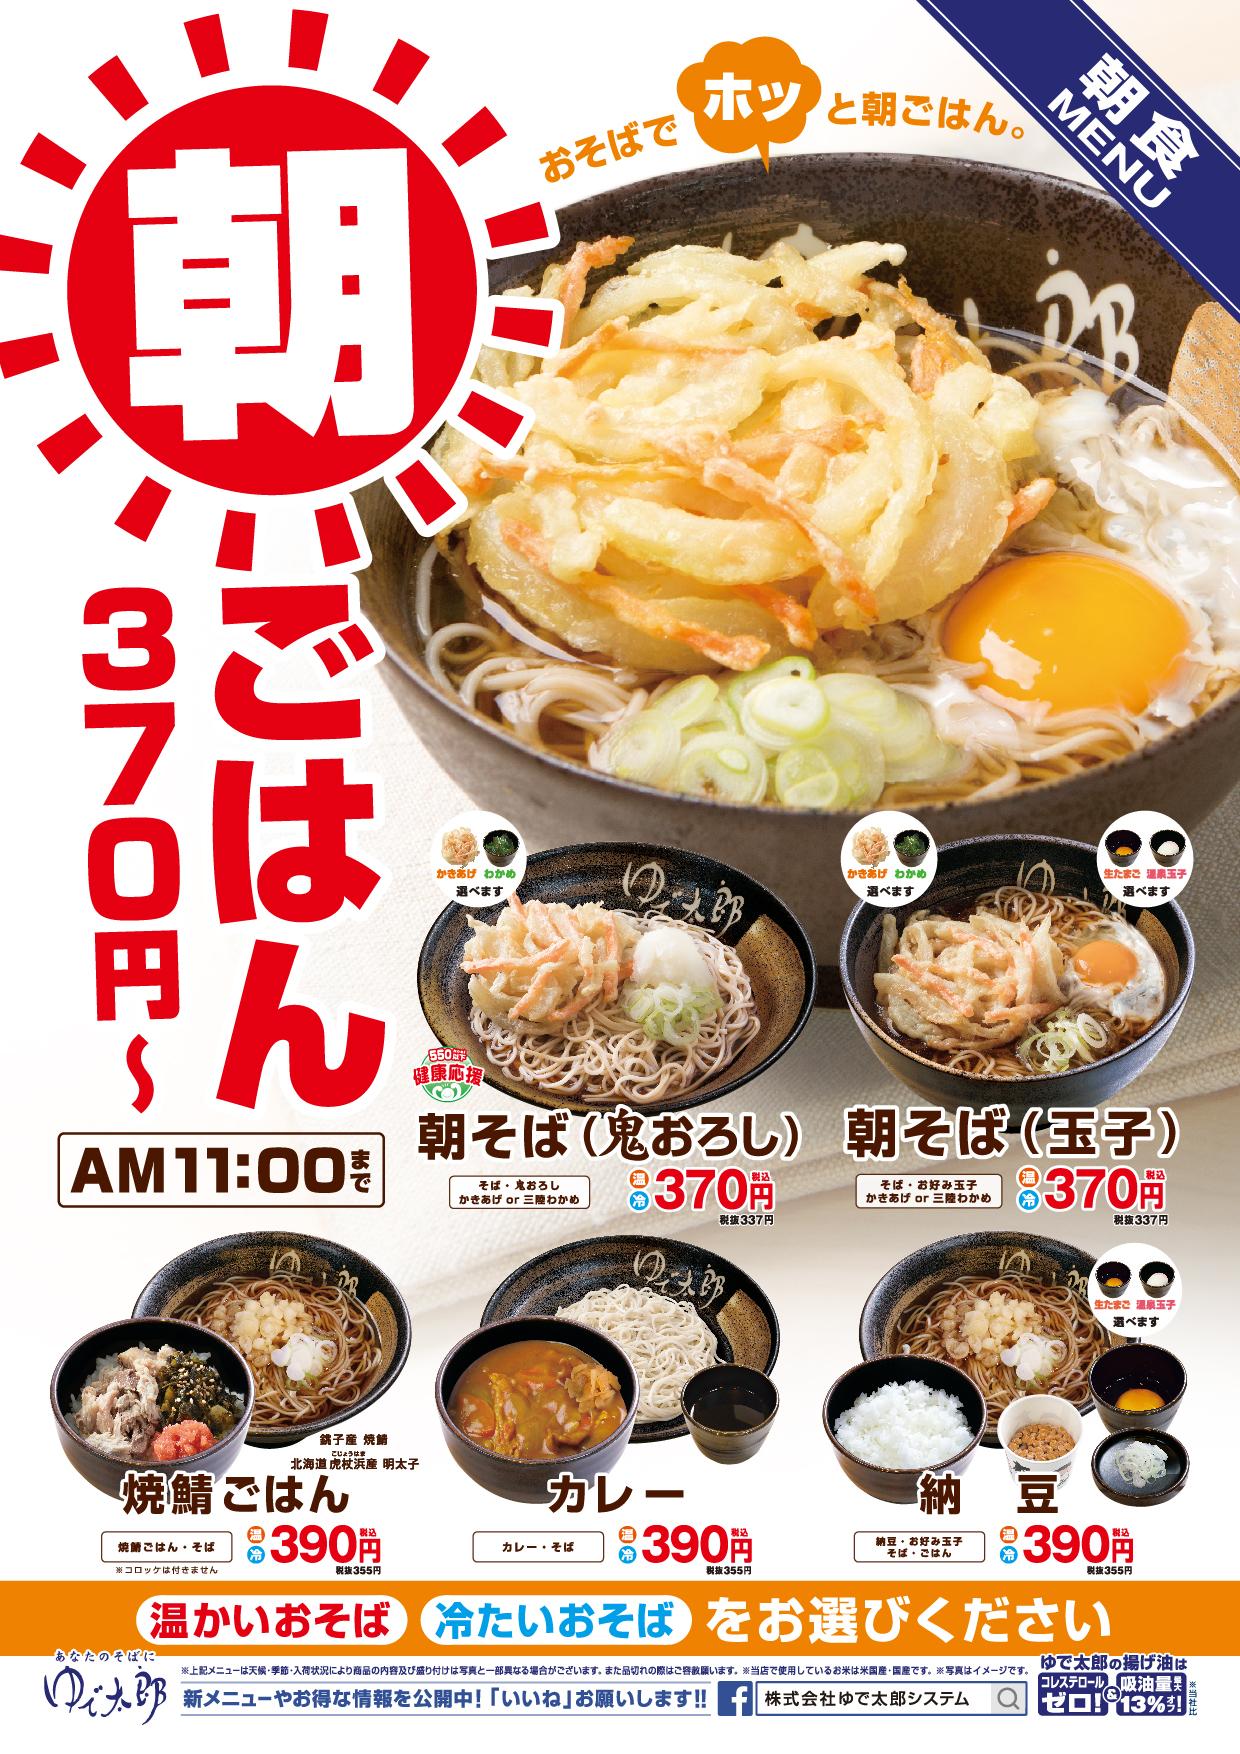 出典:ゆで太郎公式ホームページ(https://yudetaro.jp/menu/)